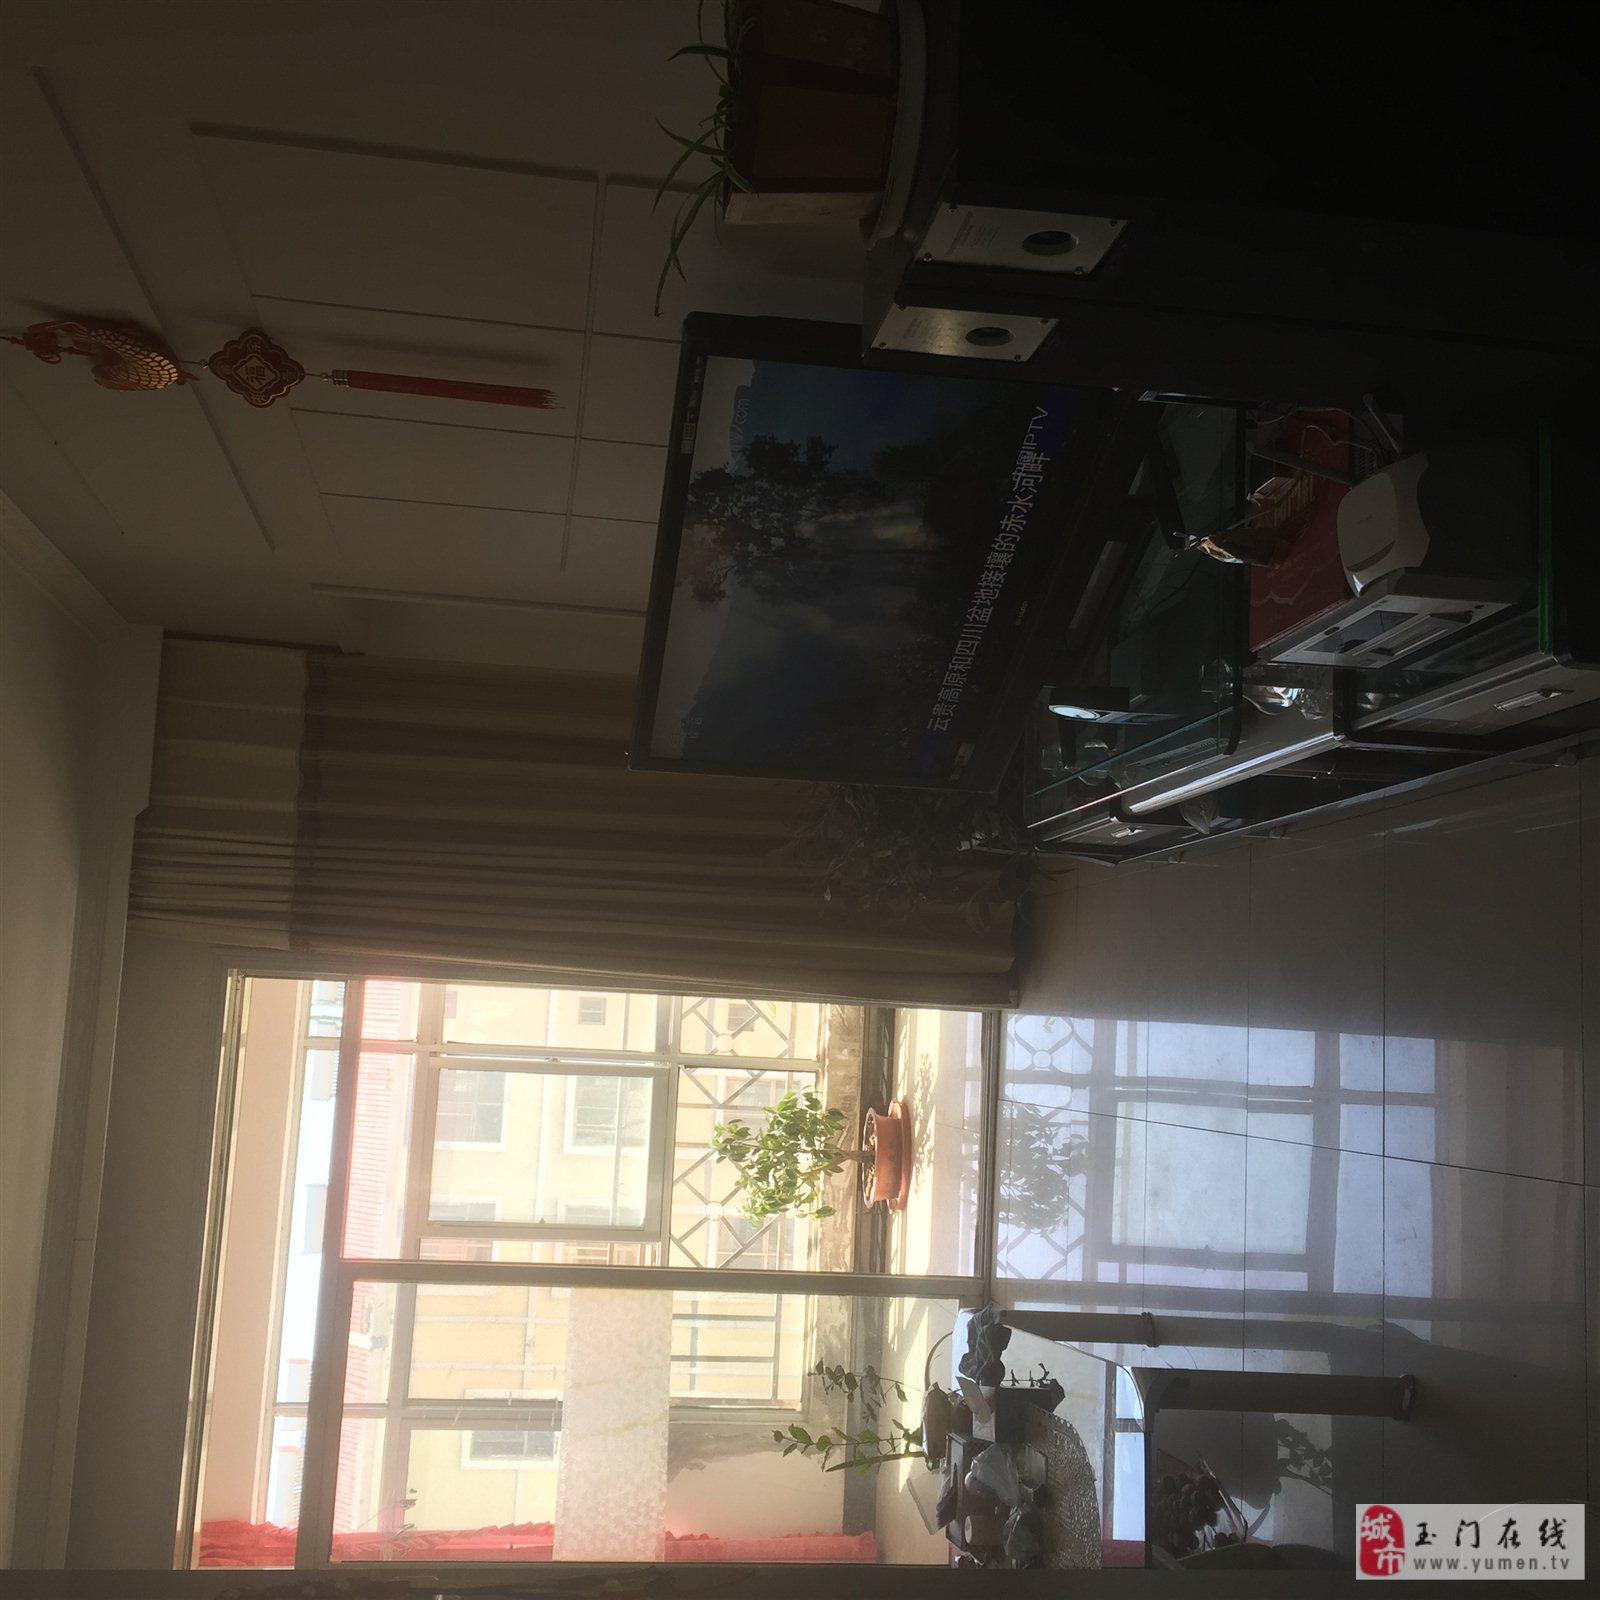 宝丽家苑2室 1厅 1卫22.8万元